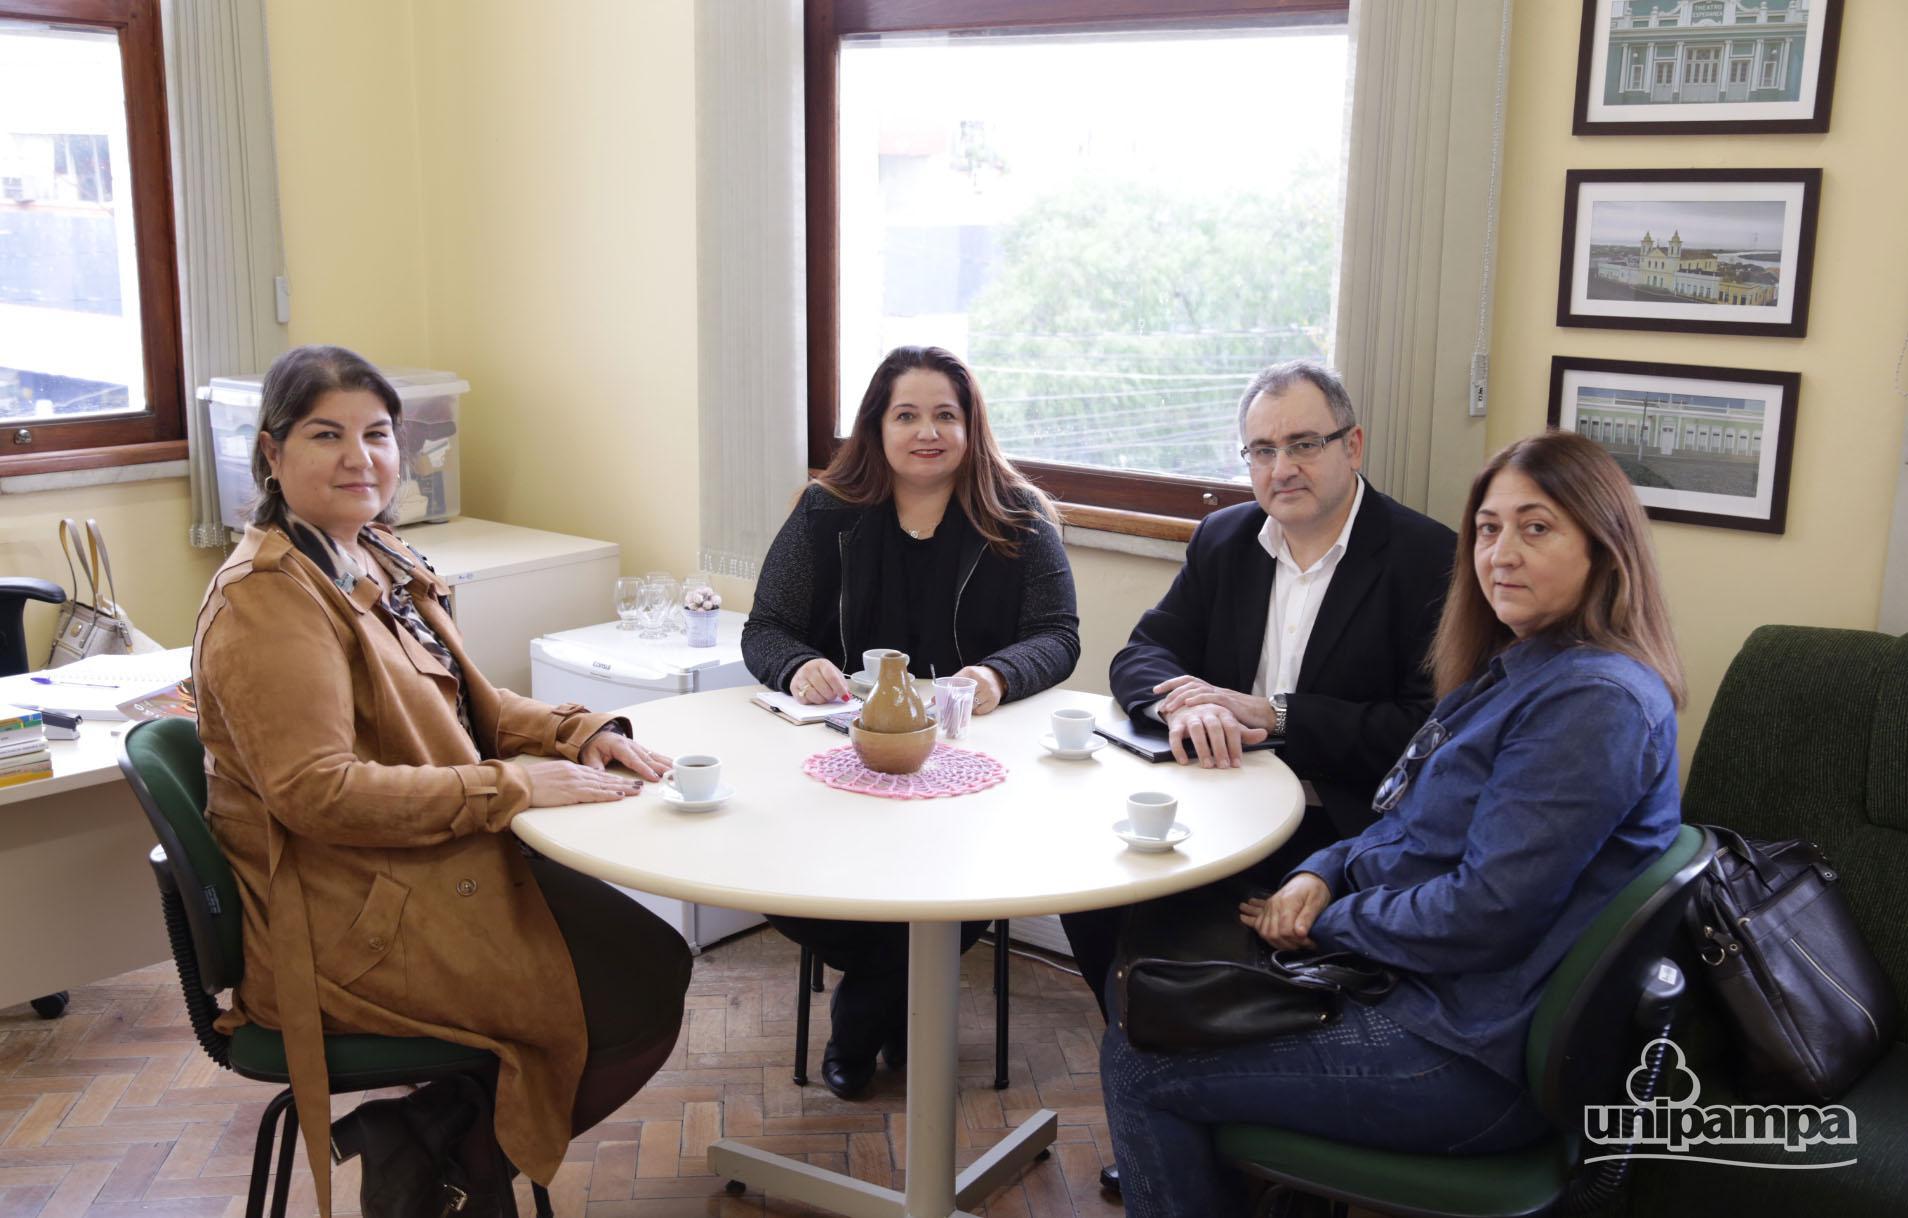 Unipampa e Uergs iniciam conversas para parceria entre as duas instituições